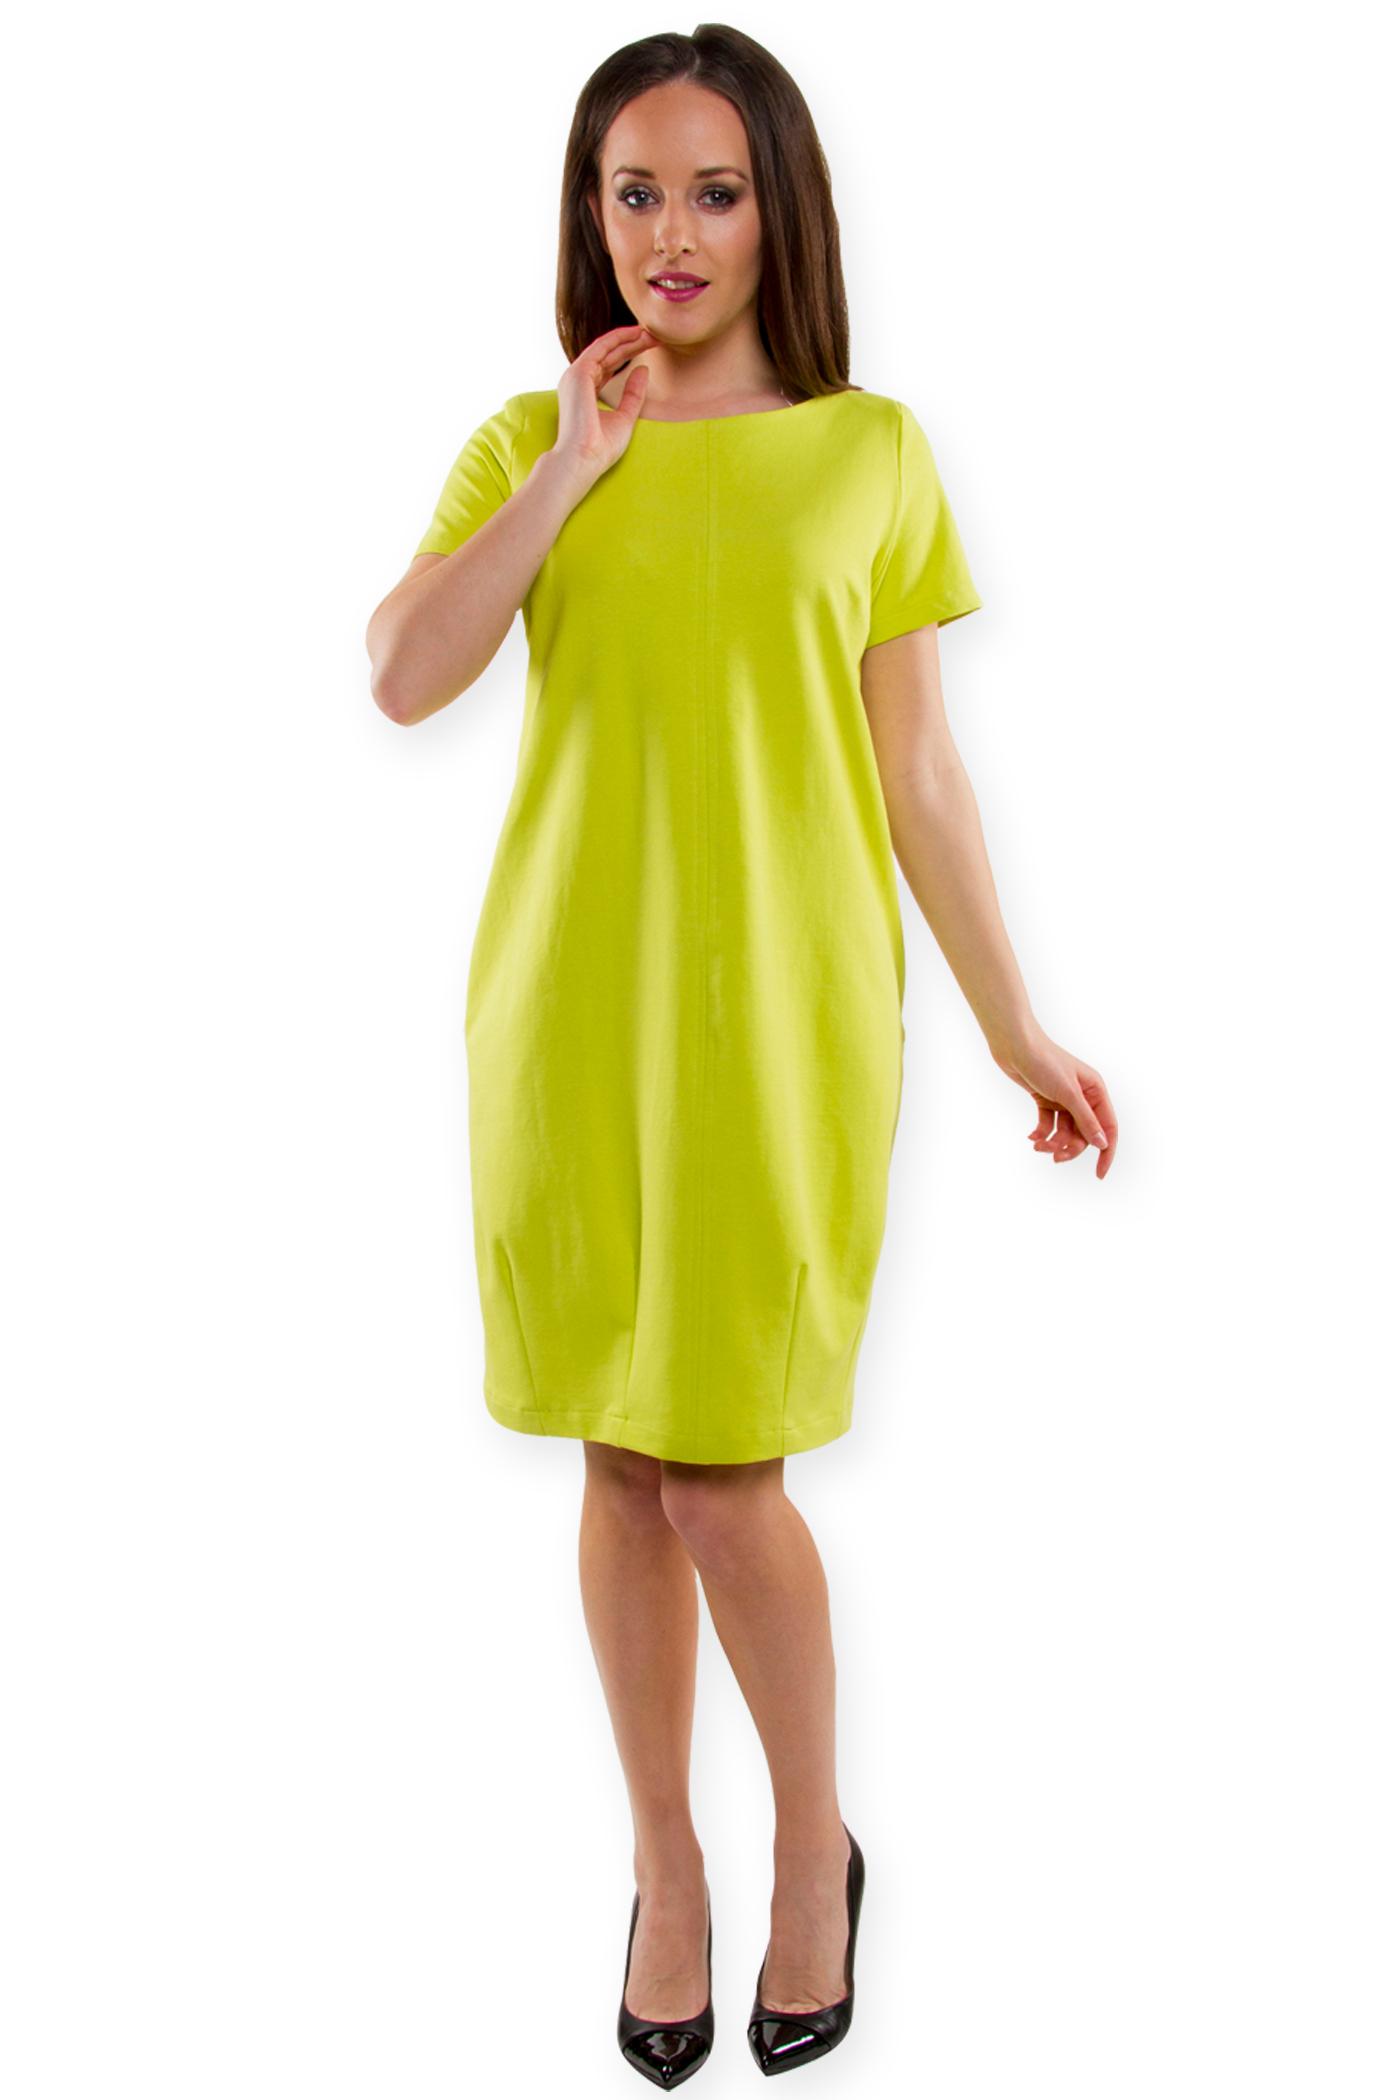 815bcc266f Sukienka tulipan Magda dzianina letnia limonka 42 - 6921584330 ...